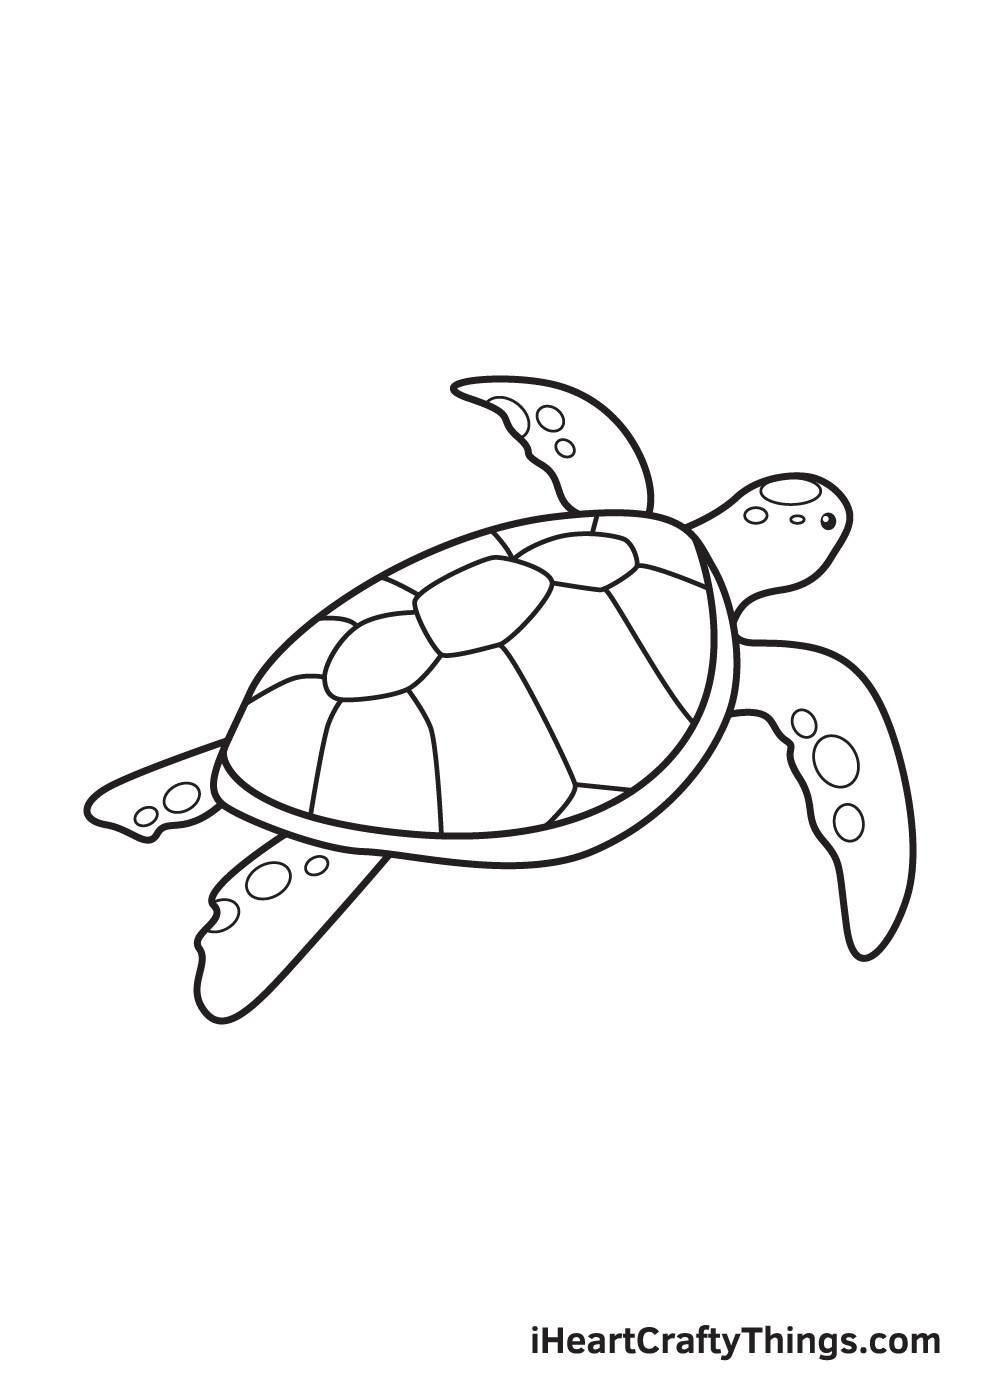 Vẽ rùa biển - Bước 9